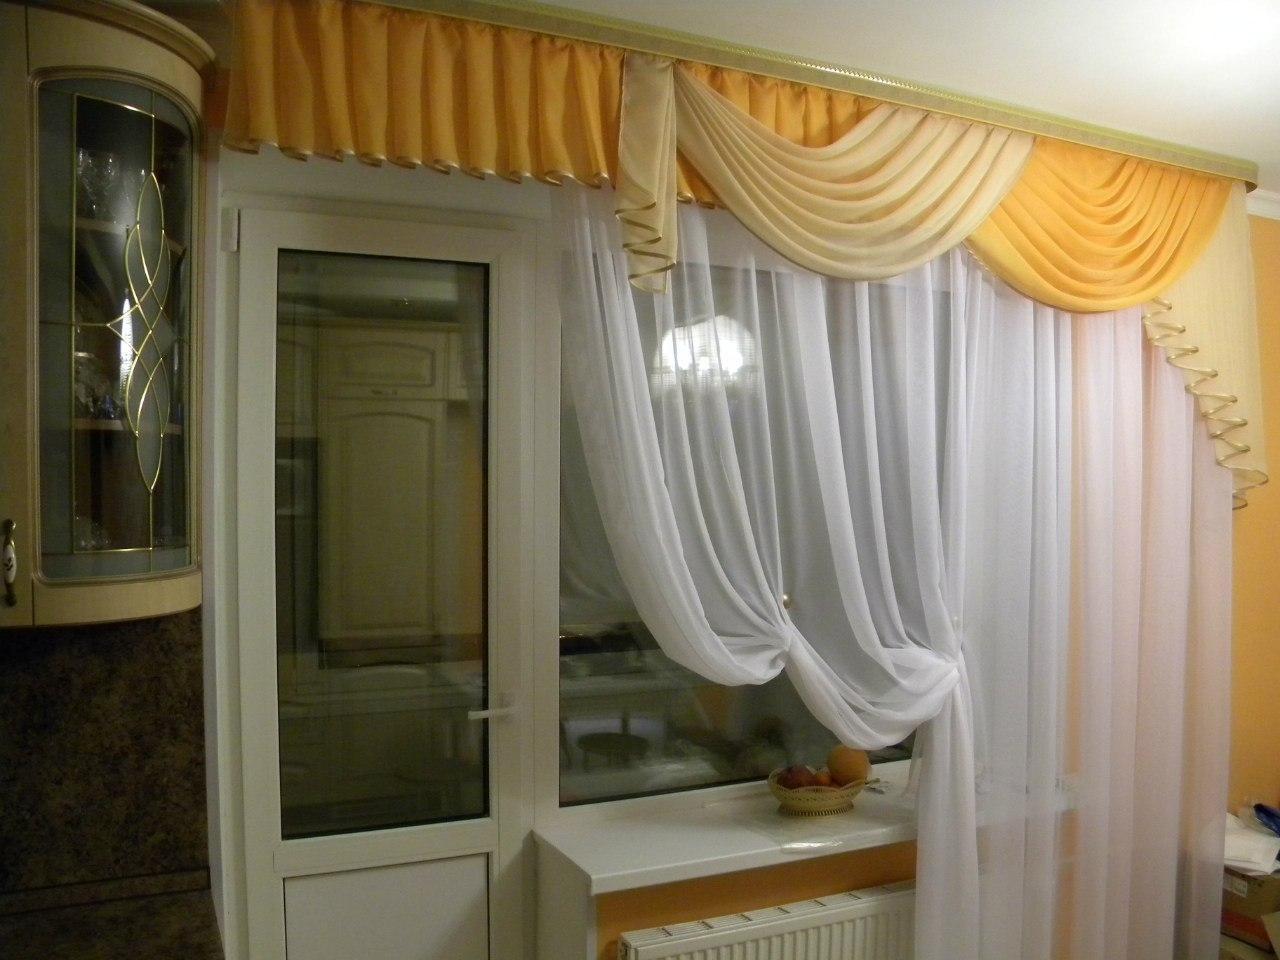 тюль для балконной двери на кухне фото средостения может проявляться